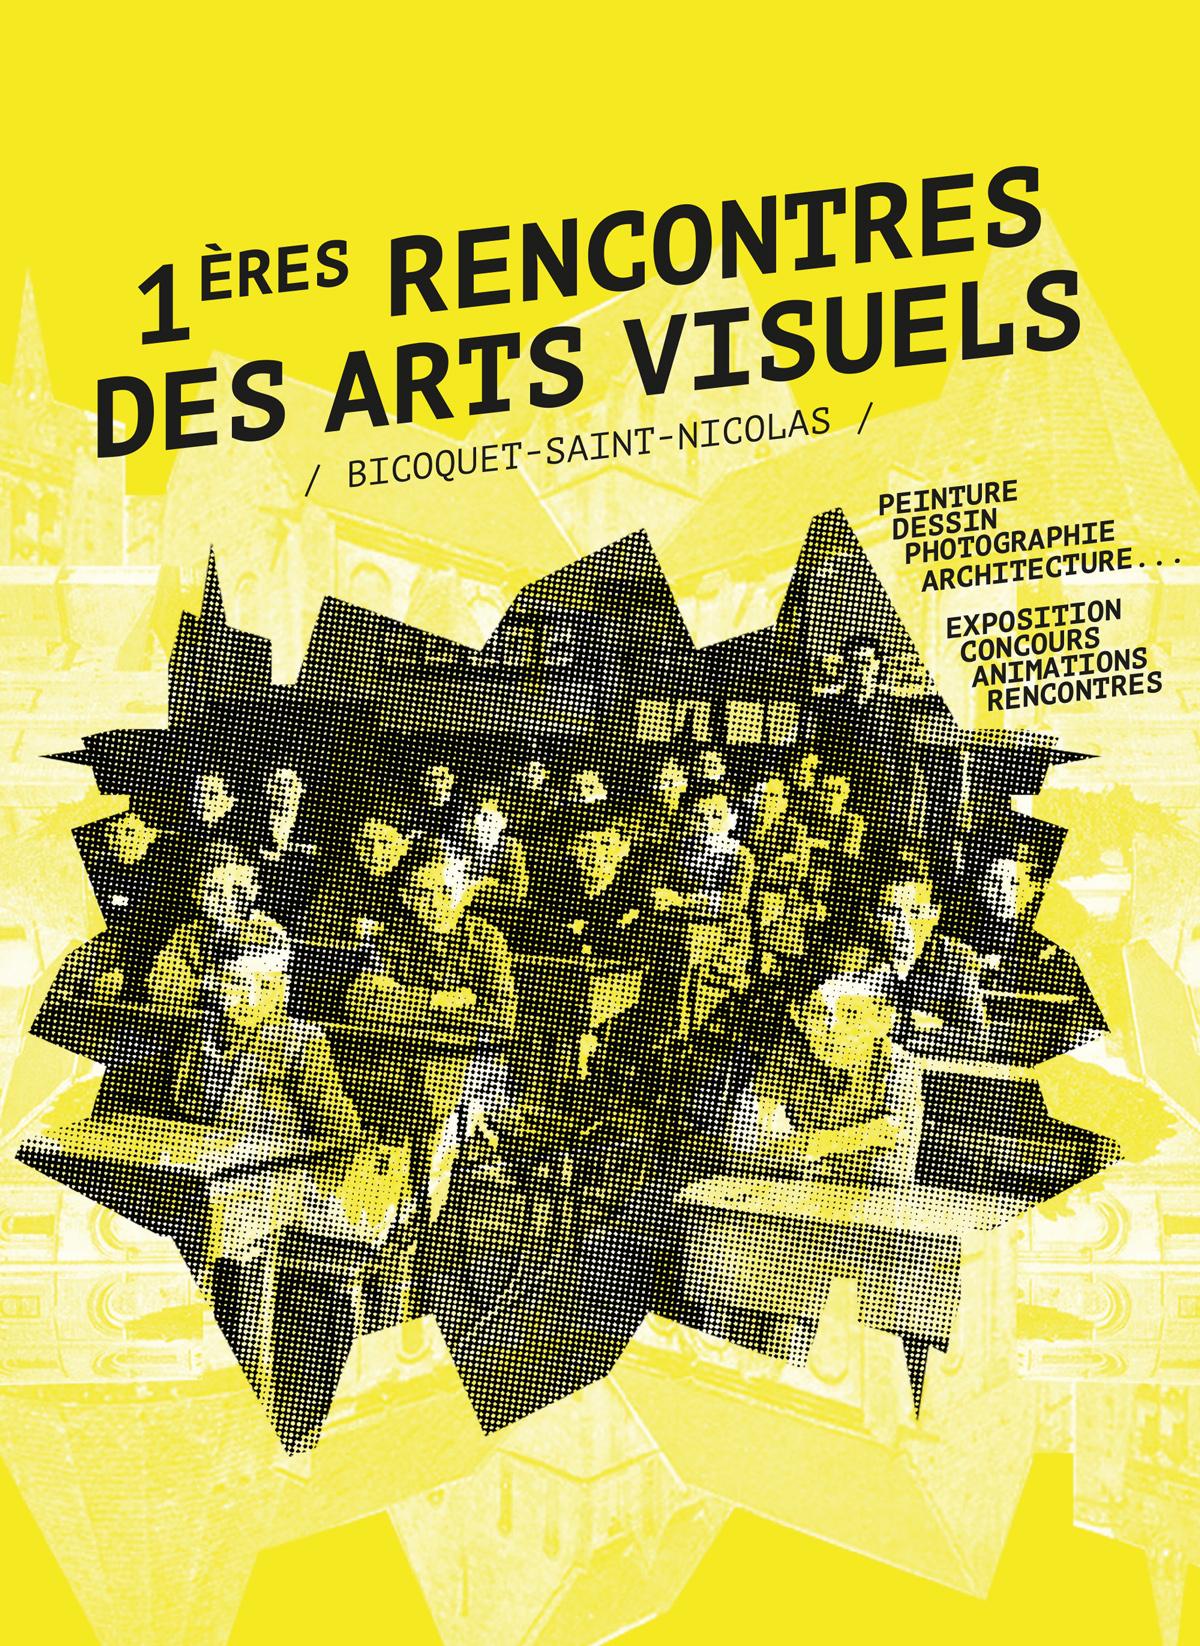 exposition 1ere Rencontres des Arts Visuels - photographe - peintre - artistes - CAEN NORMANDIE - création WALA studio graphique - le duo créatif - 2 graphiste freelance -